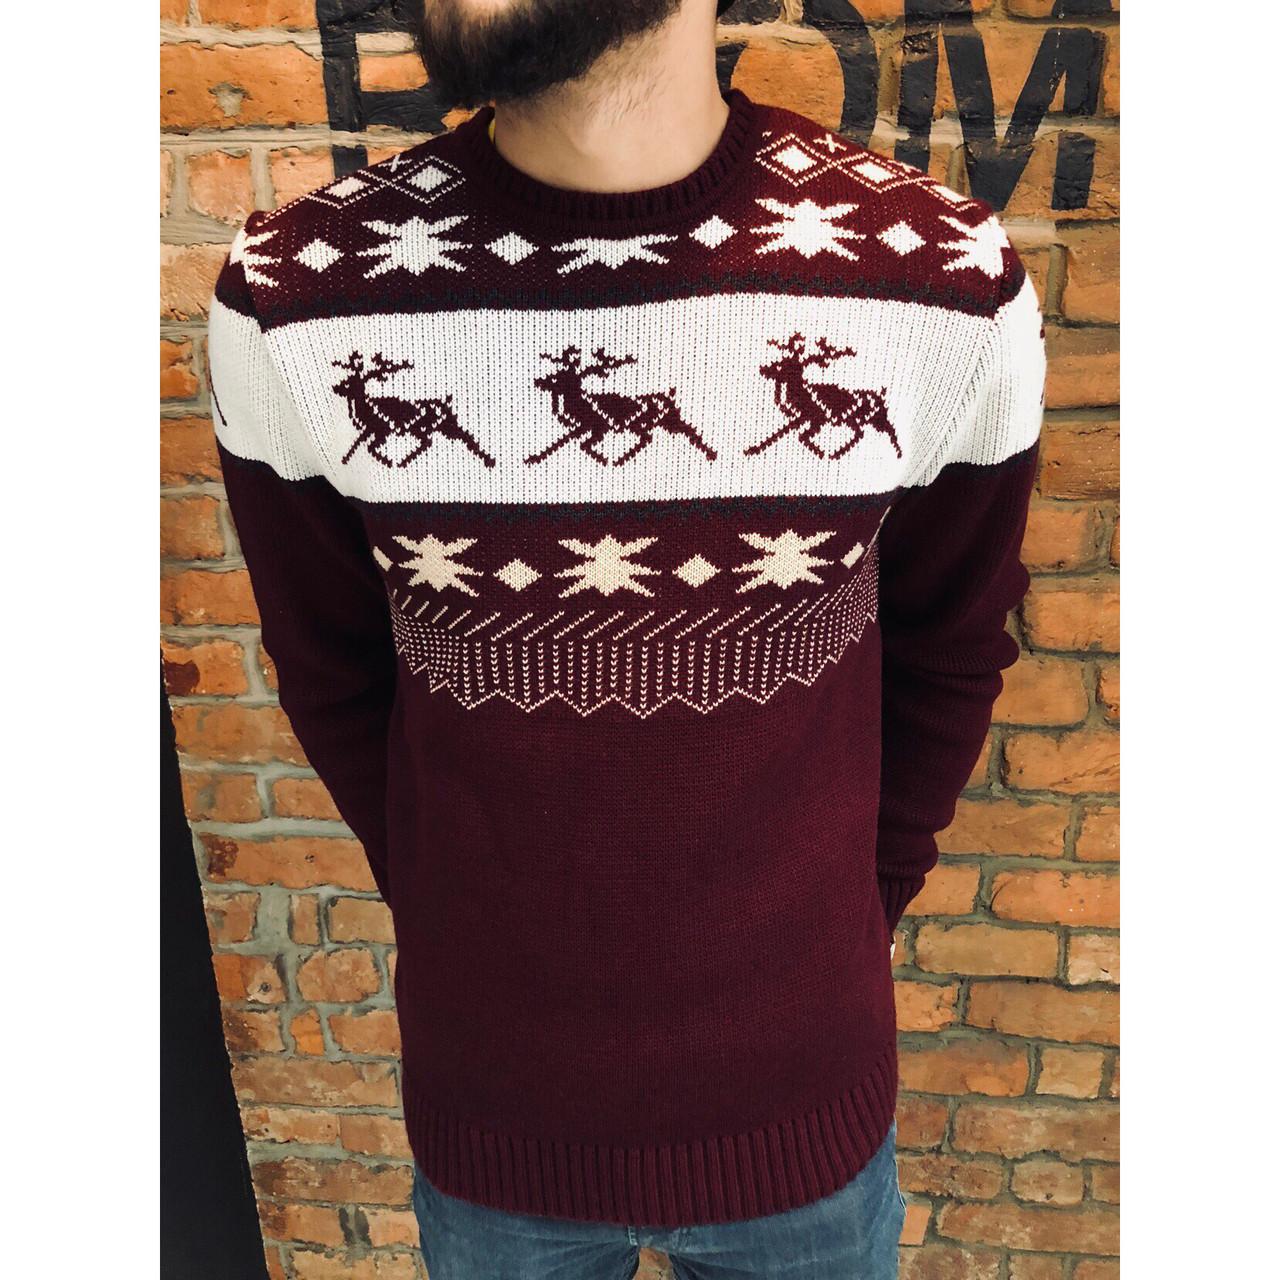 Зимний свитер мужской бордовый от бренда Morning Star размер S, M, L